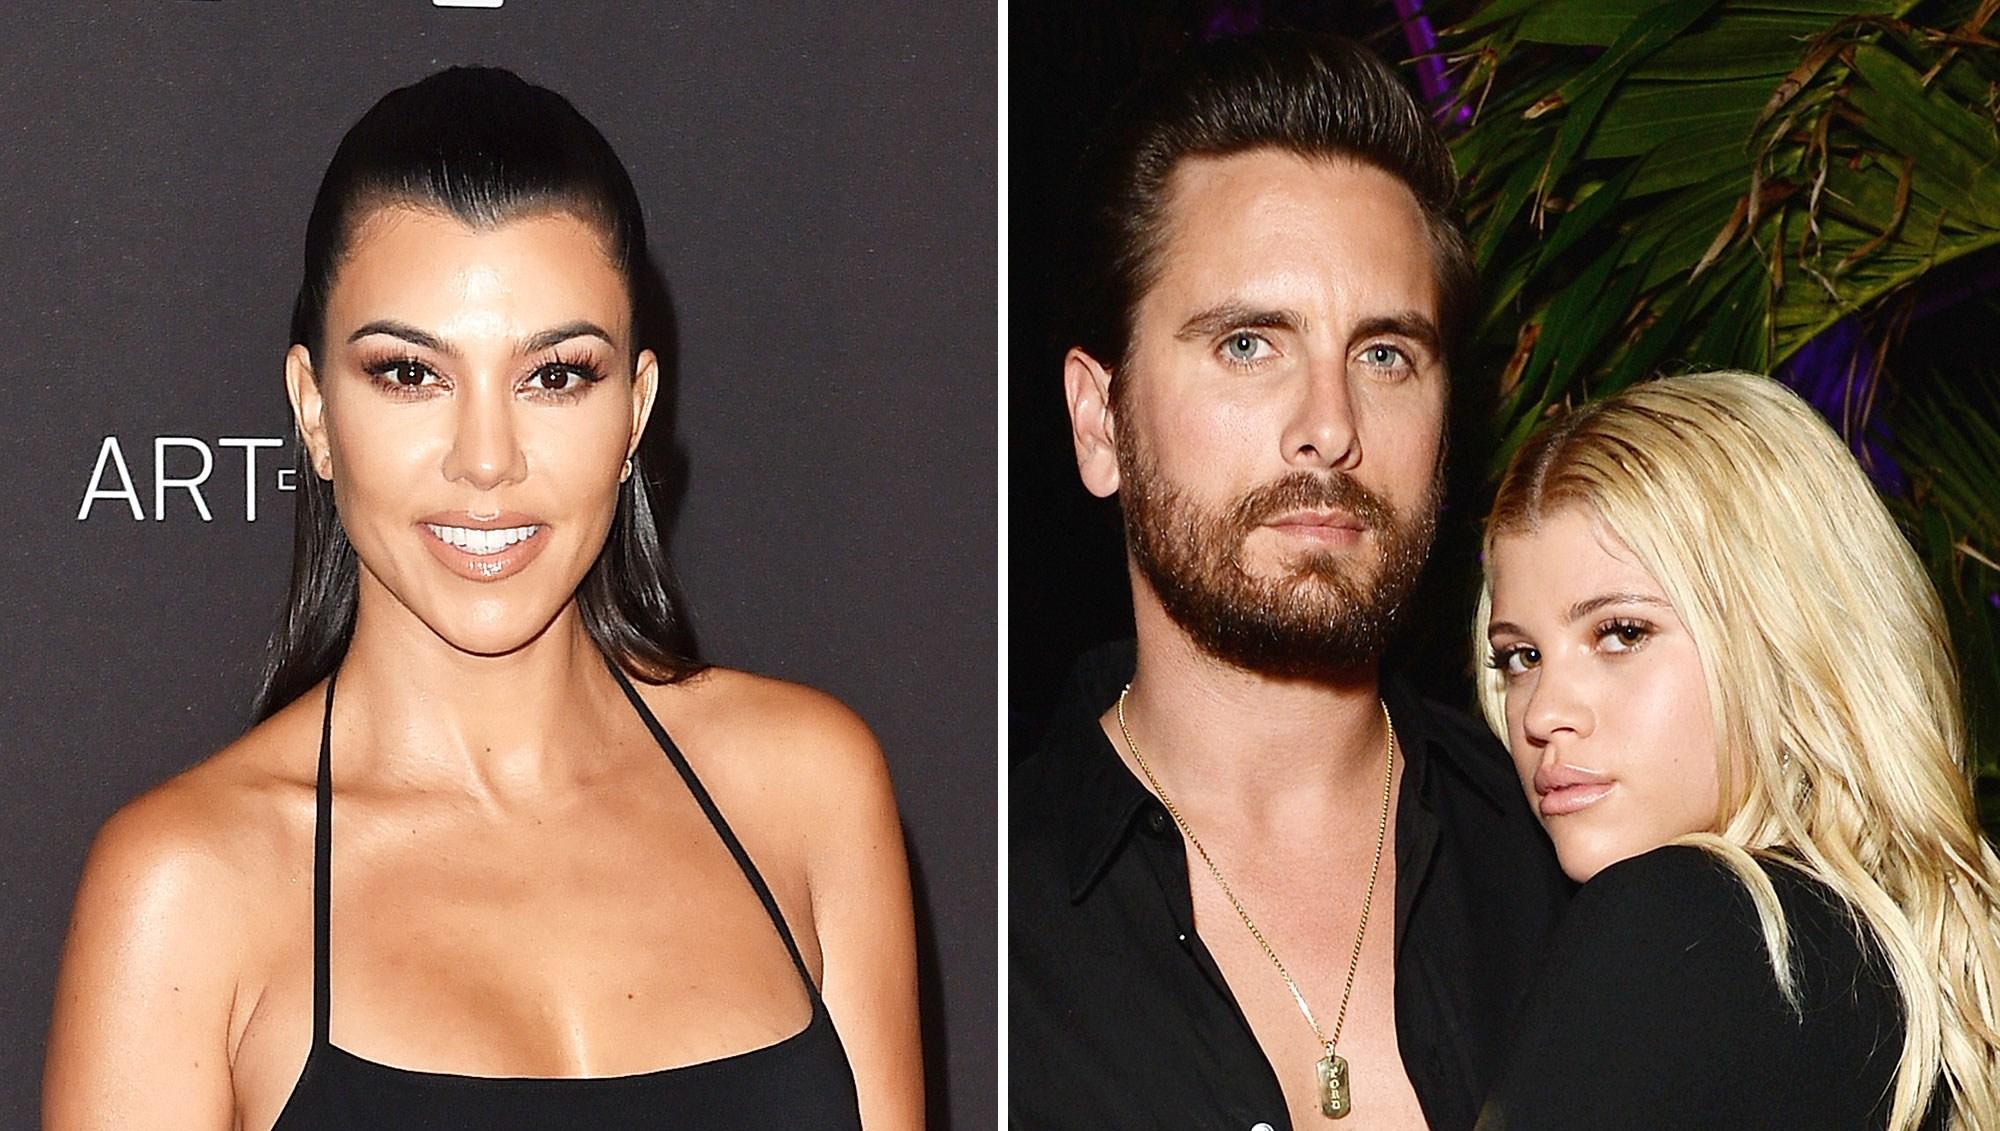 Kourtney Kardashian Is 'Proud' of Friendship With Scott Disick, Sofia Richie